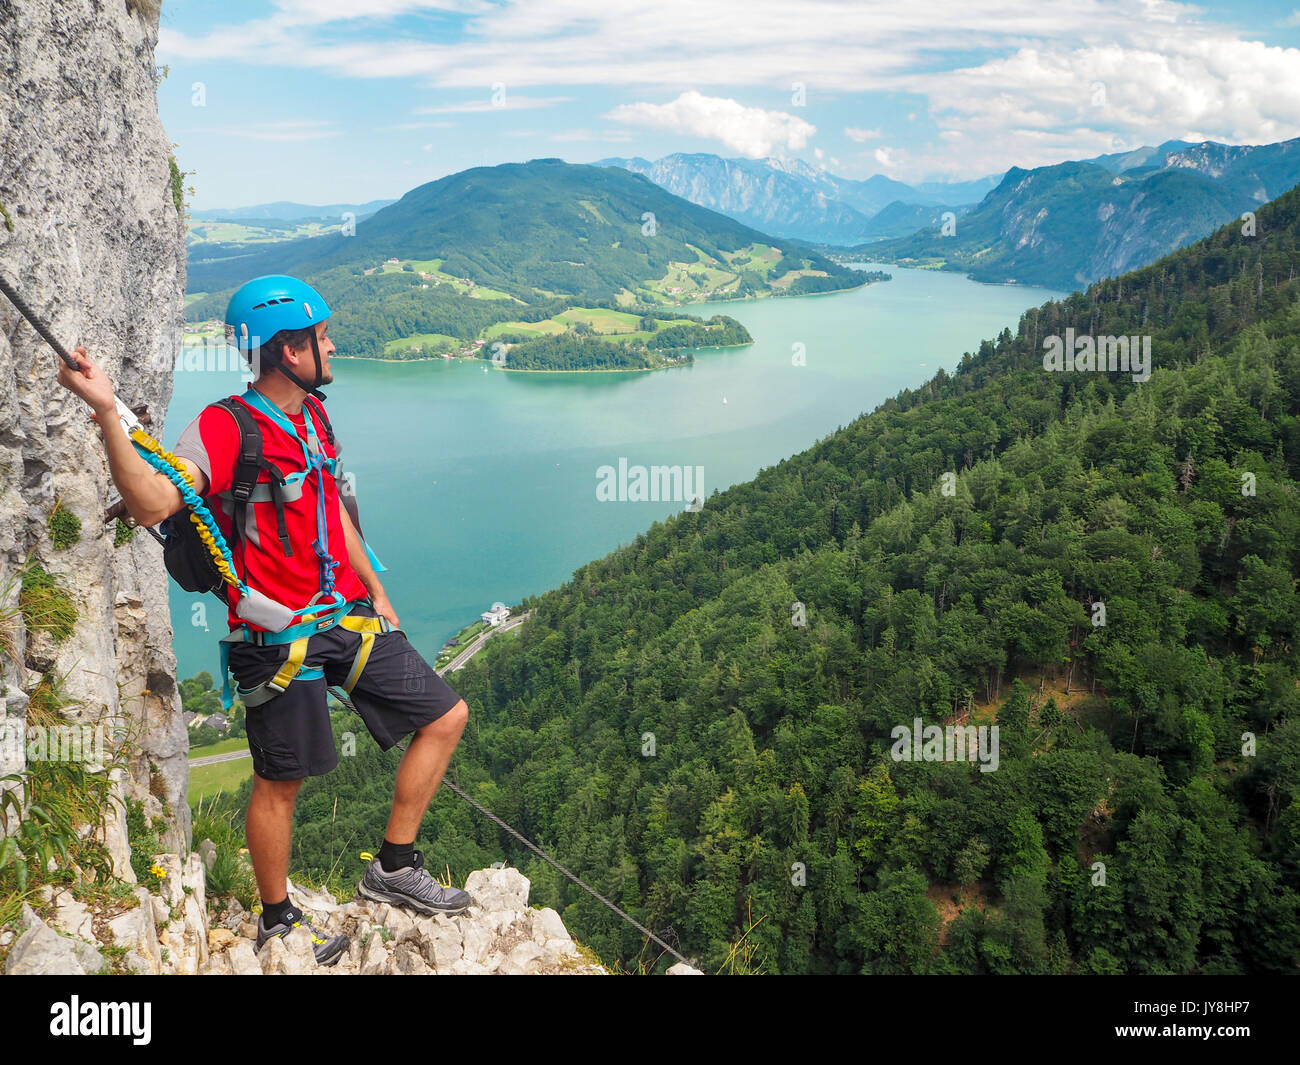 Klettersteig Attersee : Mahdlgupf klettersteig c d am attersee youtube